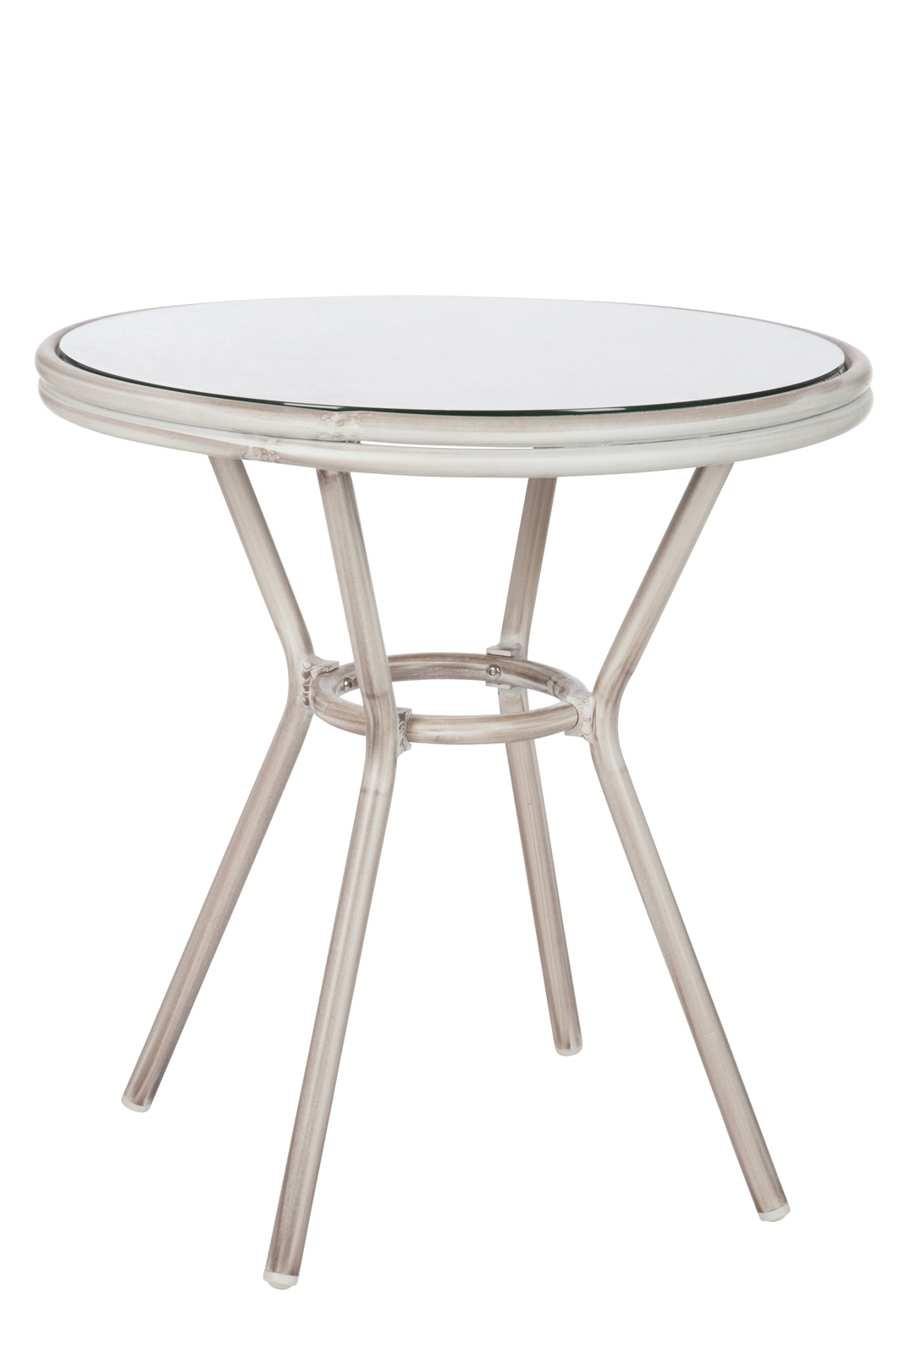 Table Ronde Hilda En Aluminium Grise 70x74cm J Line By Jolipa Jl 62005